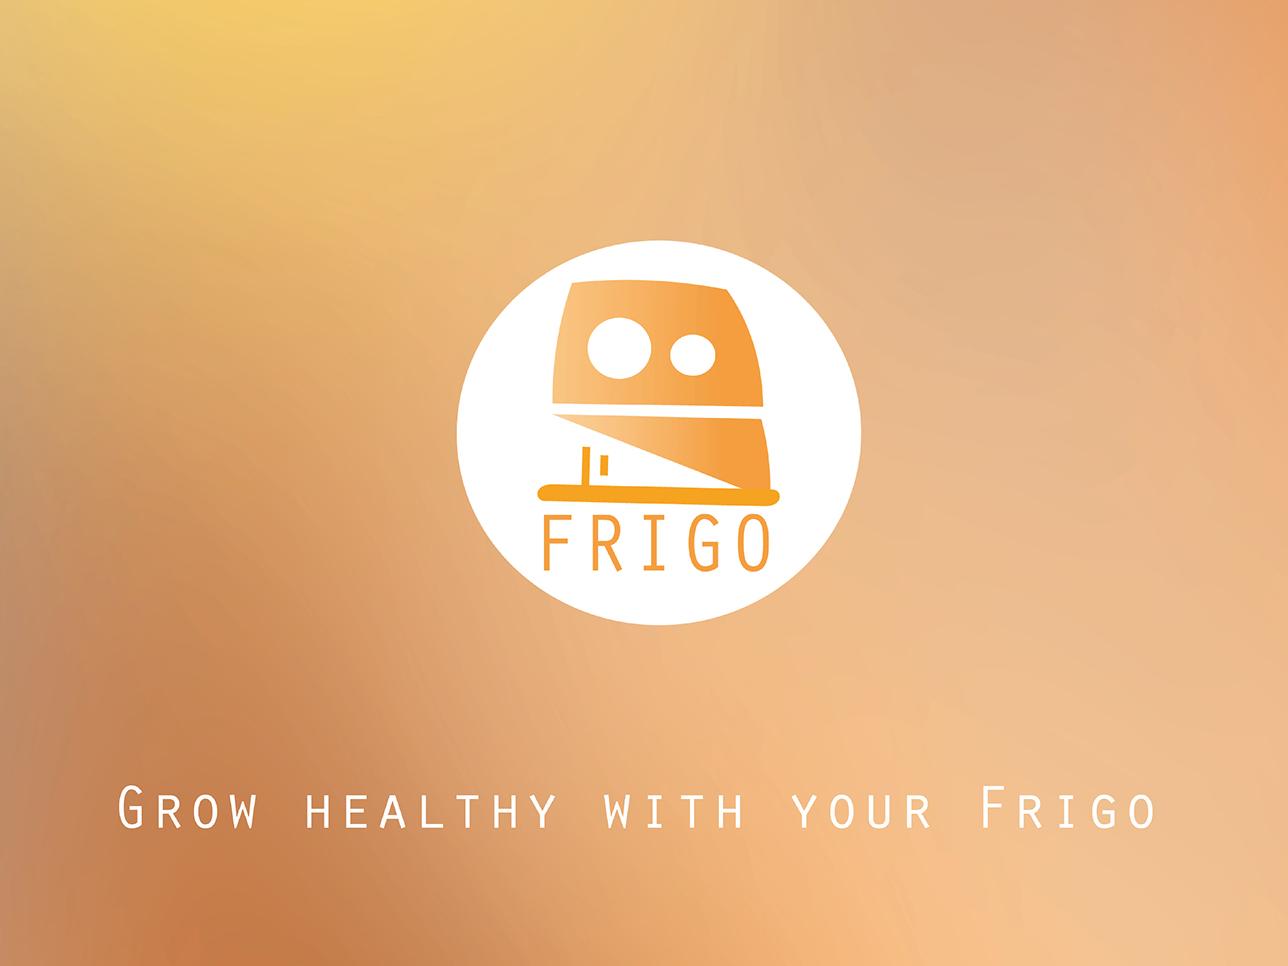 Frigo app ux ui design logo illustration smartdevice tamagotchi health app smart home